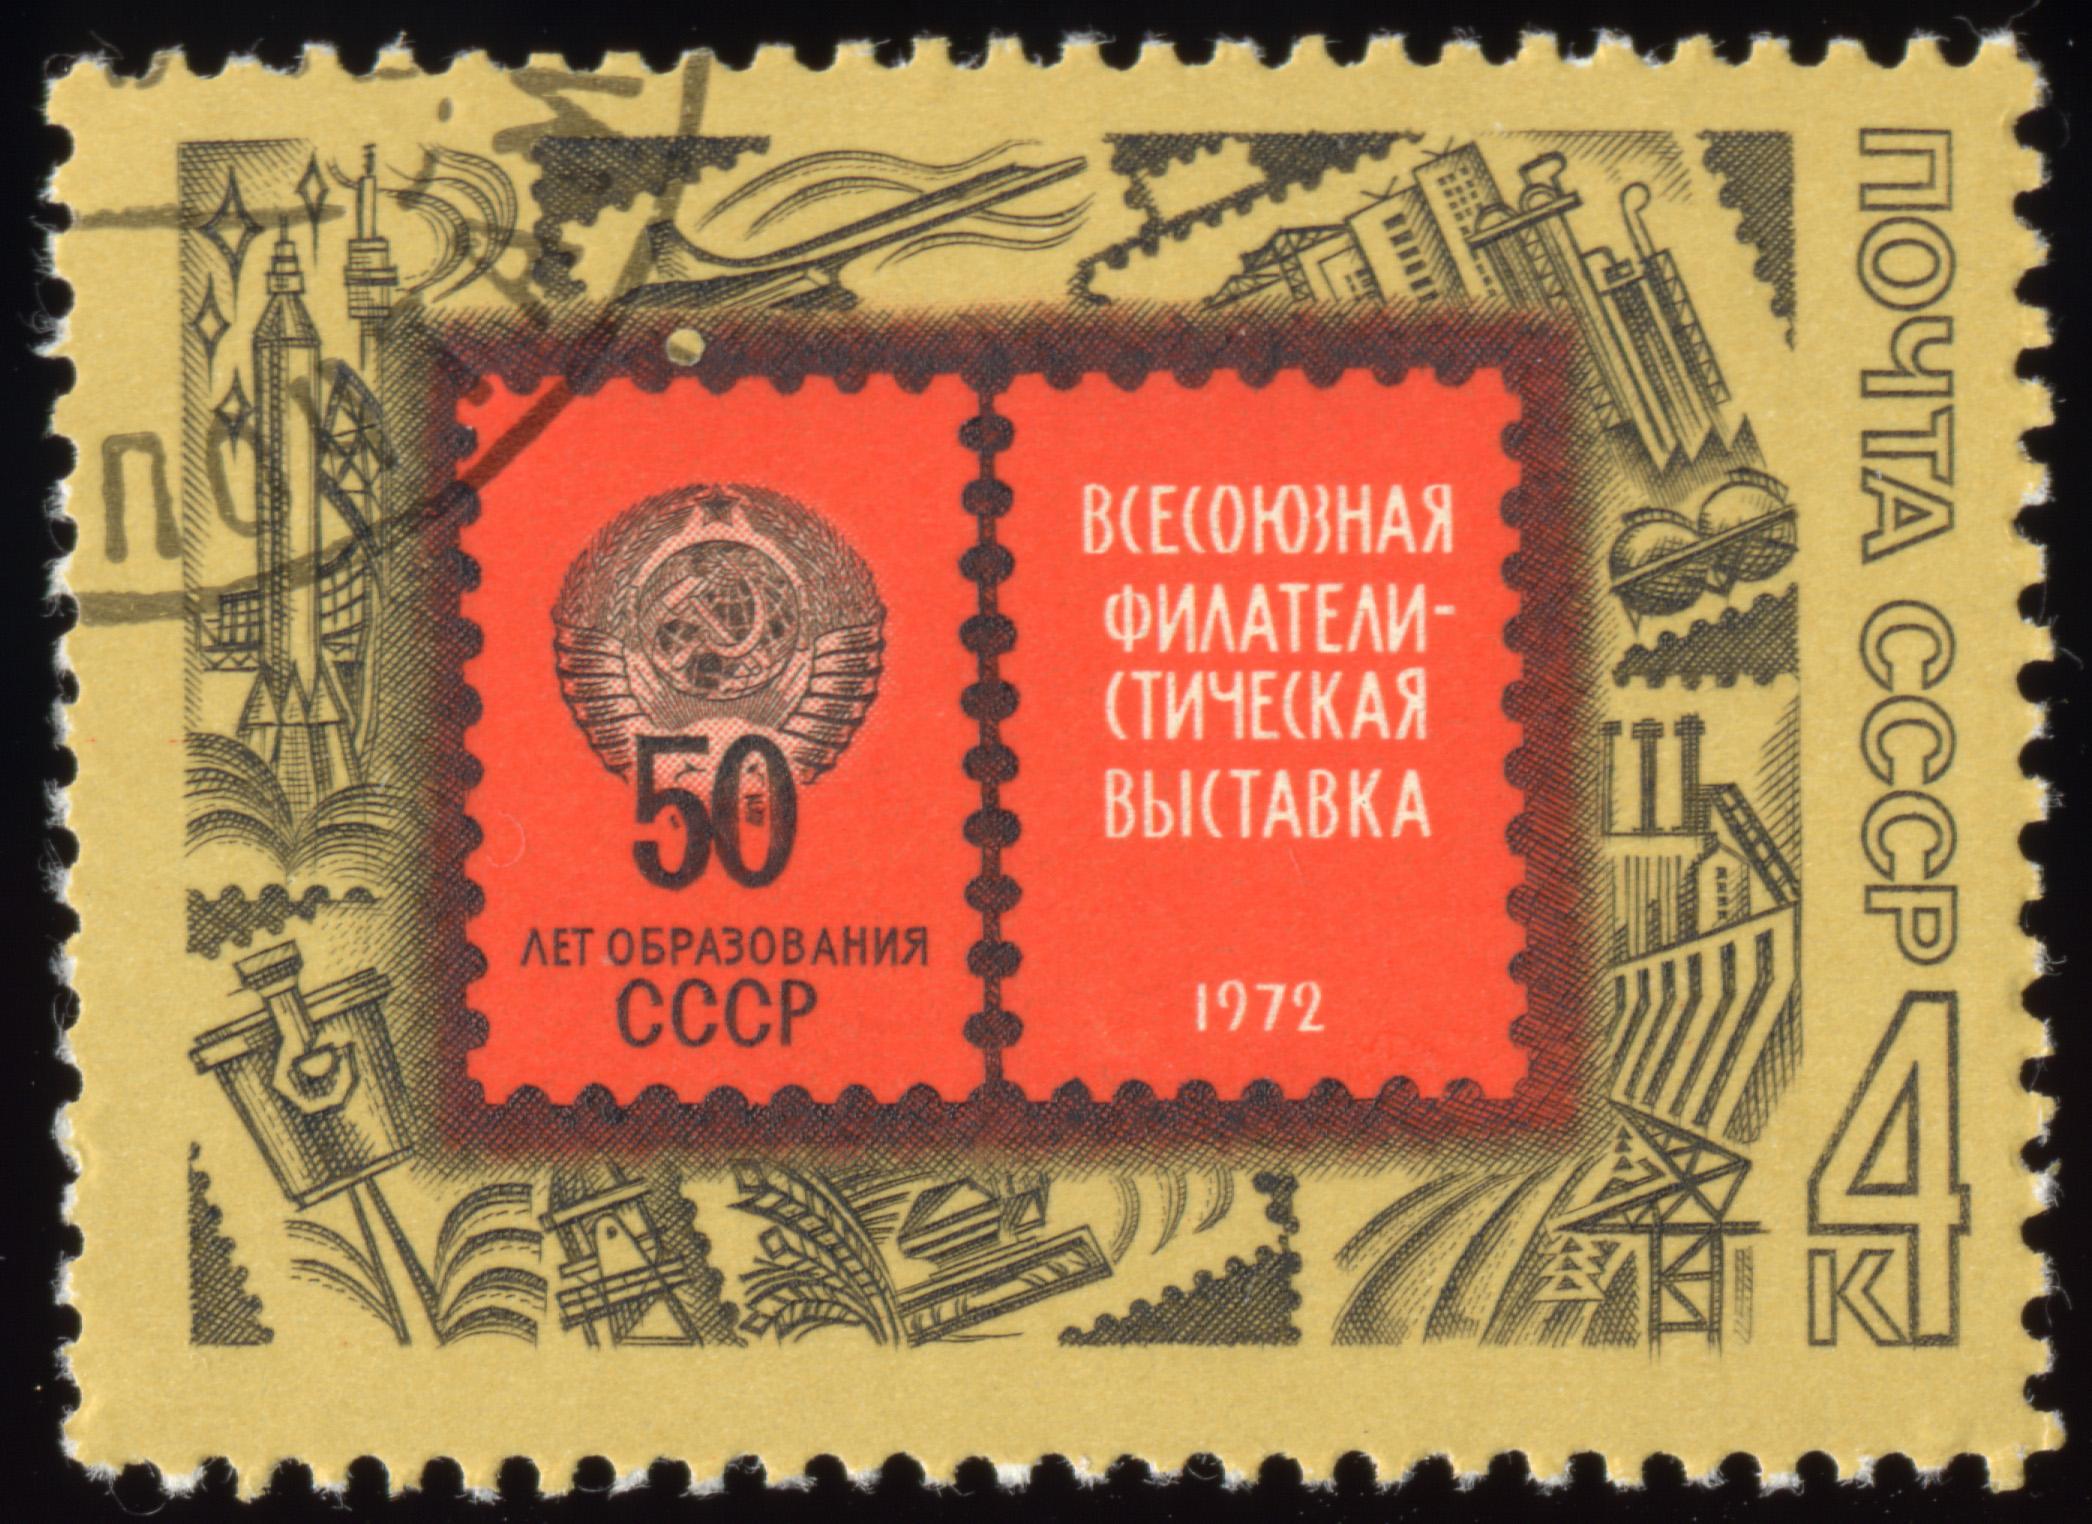 Почтовая марка посвященная 50-летию со дня образования СССР